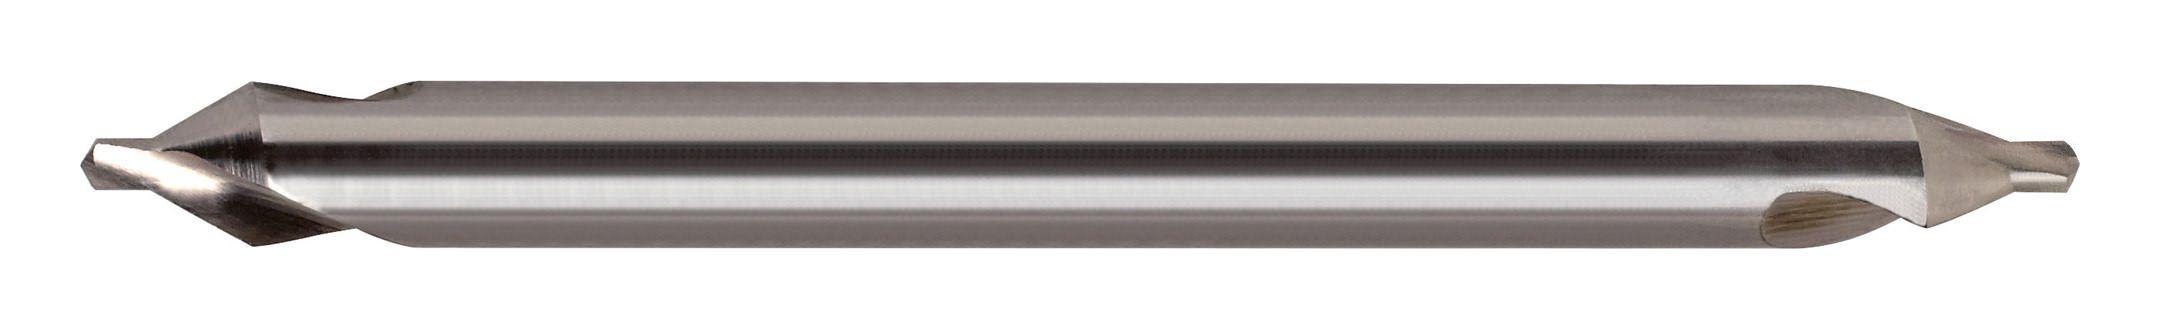 Gühring Zentrierbohrer HSS Din 333 B 1,60mm 60//120 Grad rechts